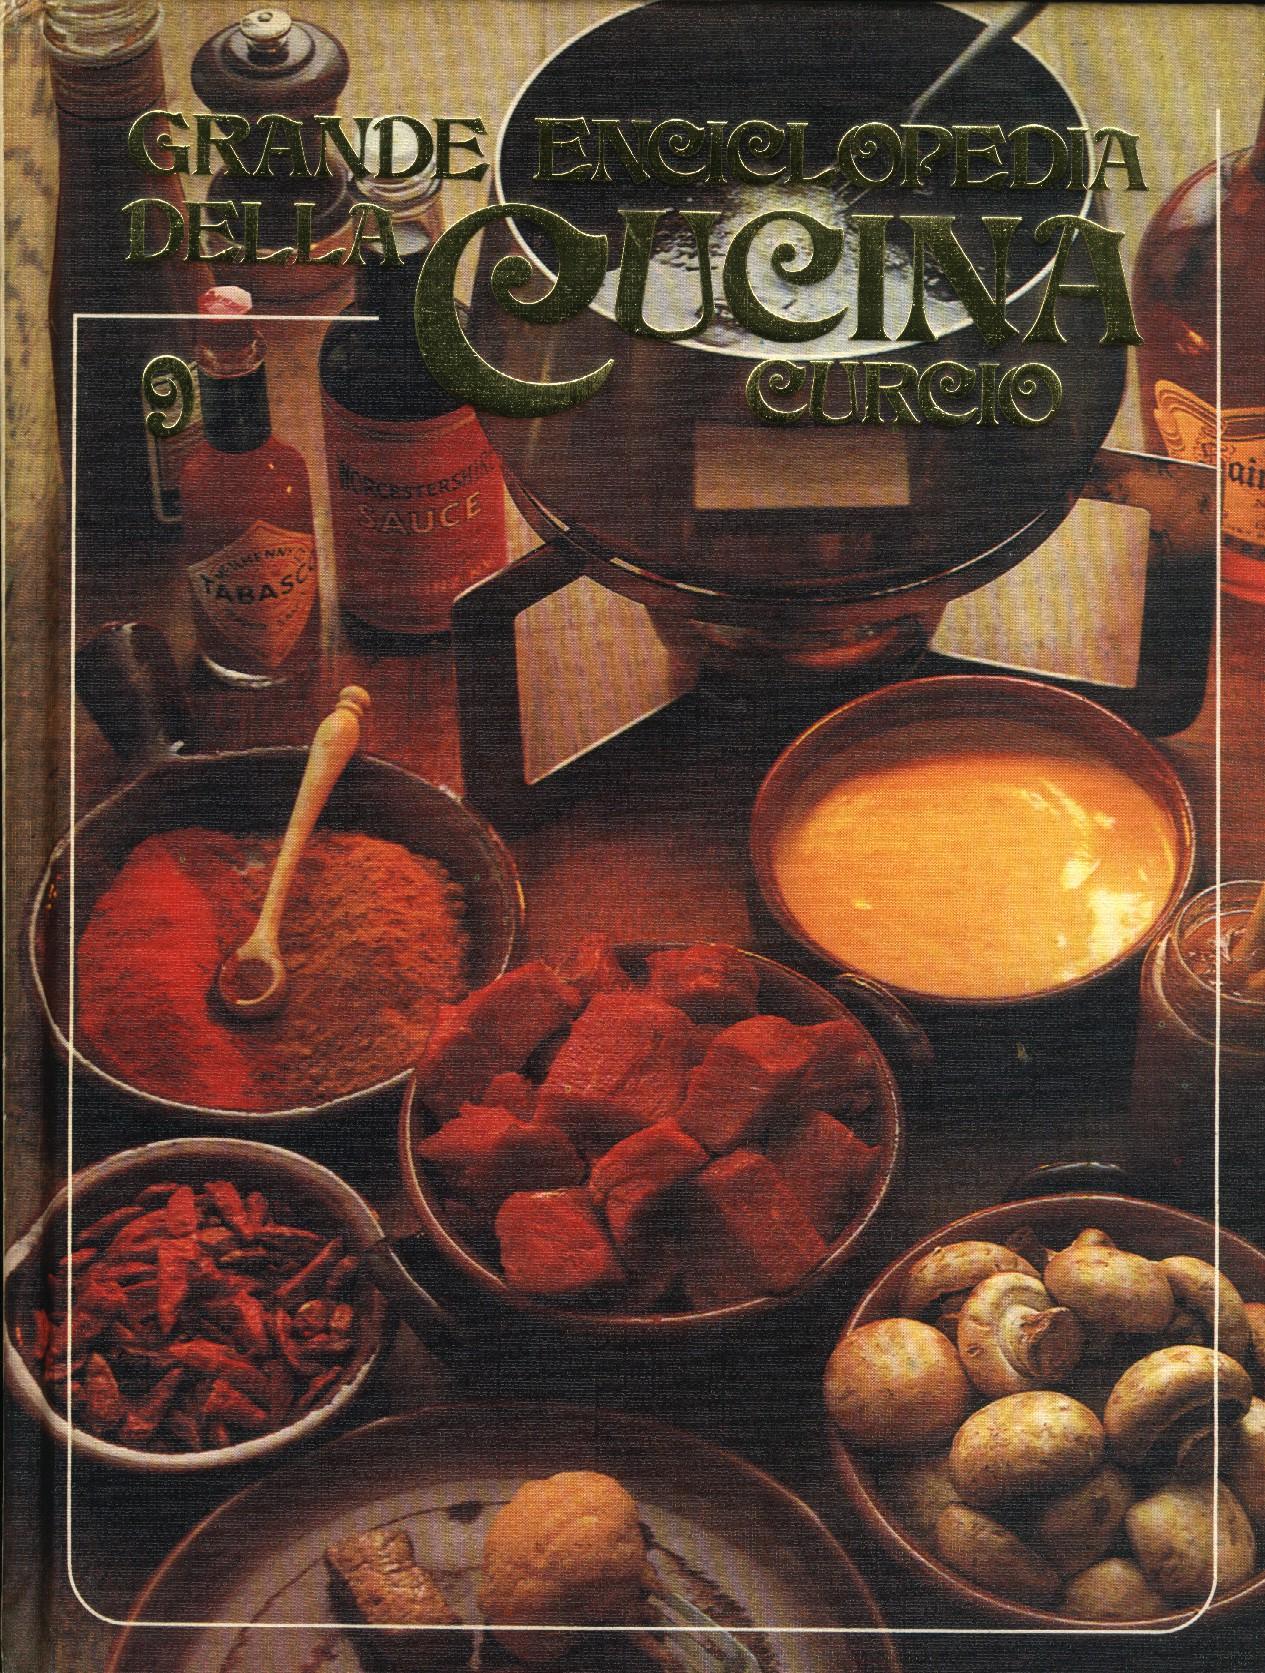 Grande Enciclopedia della Cucina Vol. 9 (ent-fla)